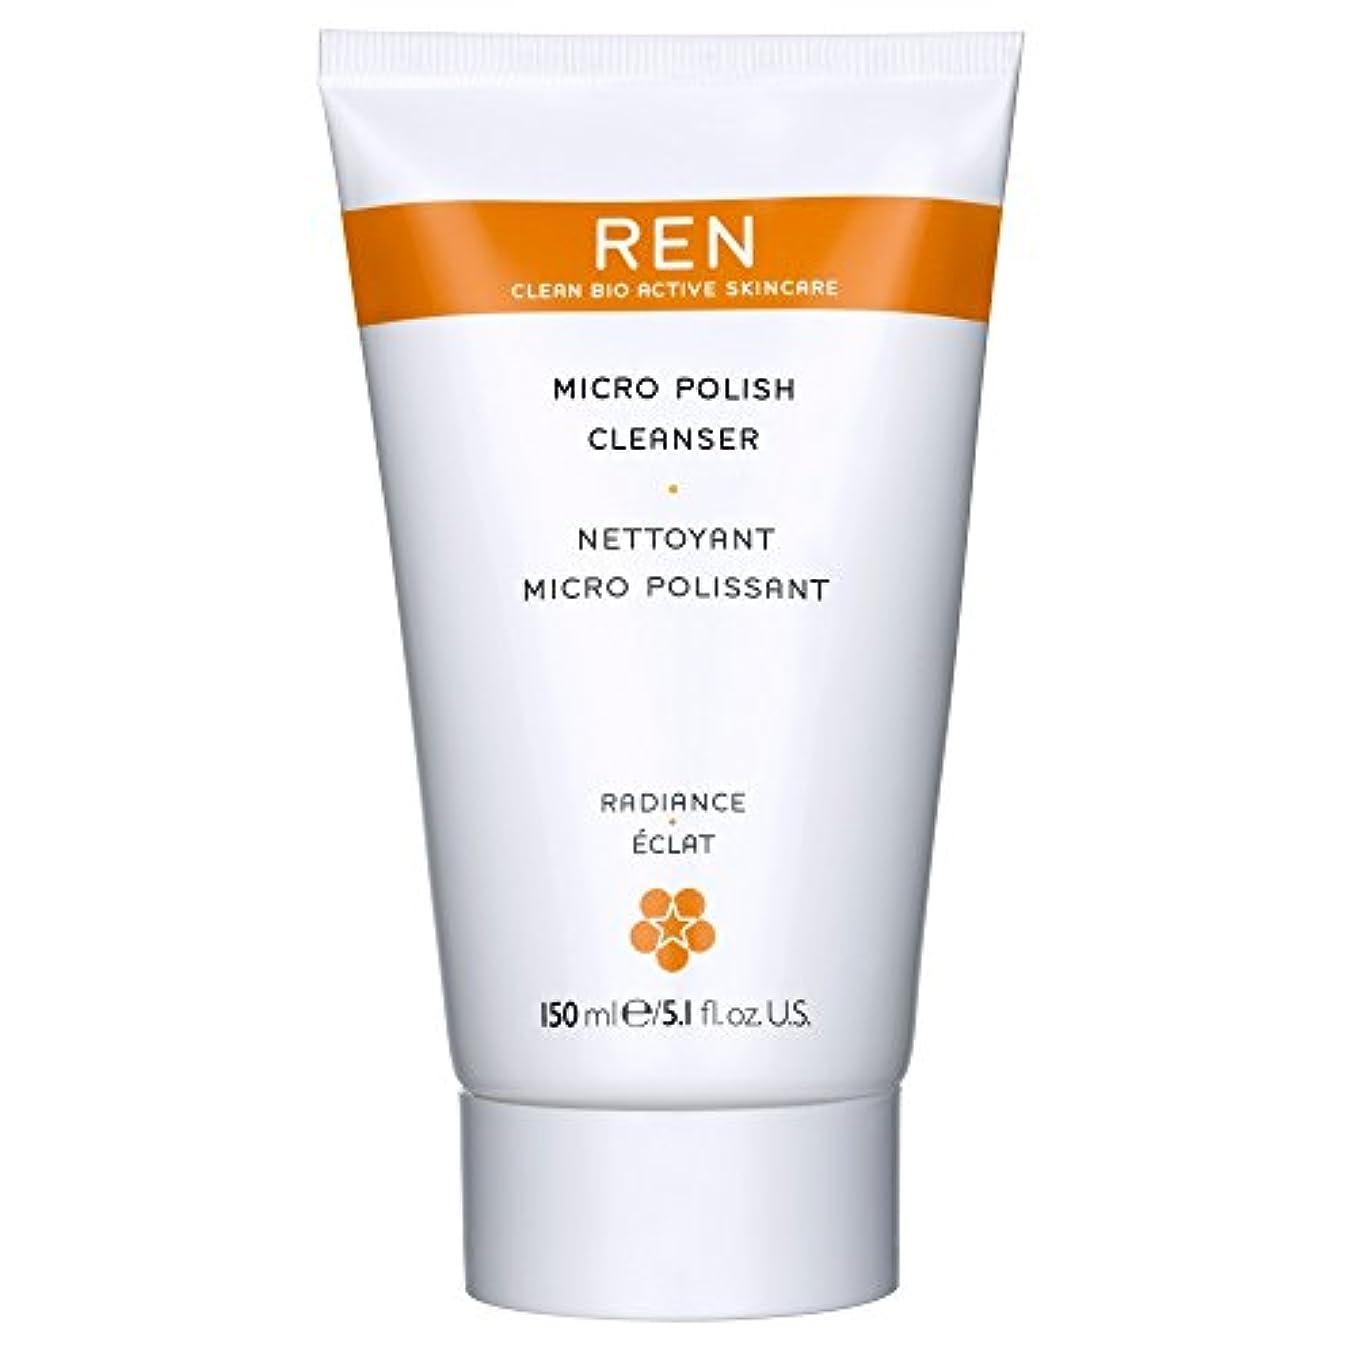 急流承認松Renミルコ磨きクレンザー、150ミリリットル (REN) (x2) - REN Mirco Polish Cleanser, 150ml (Pack of 2) [並行輸入品]